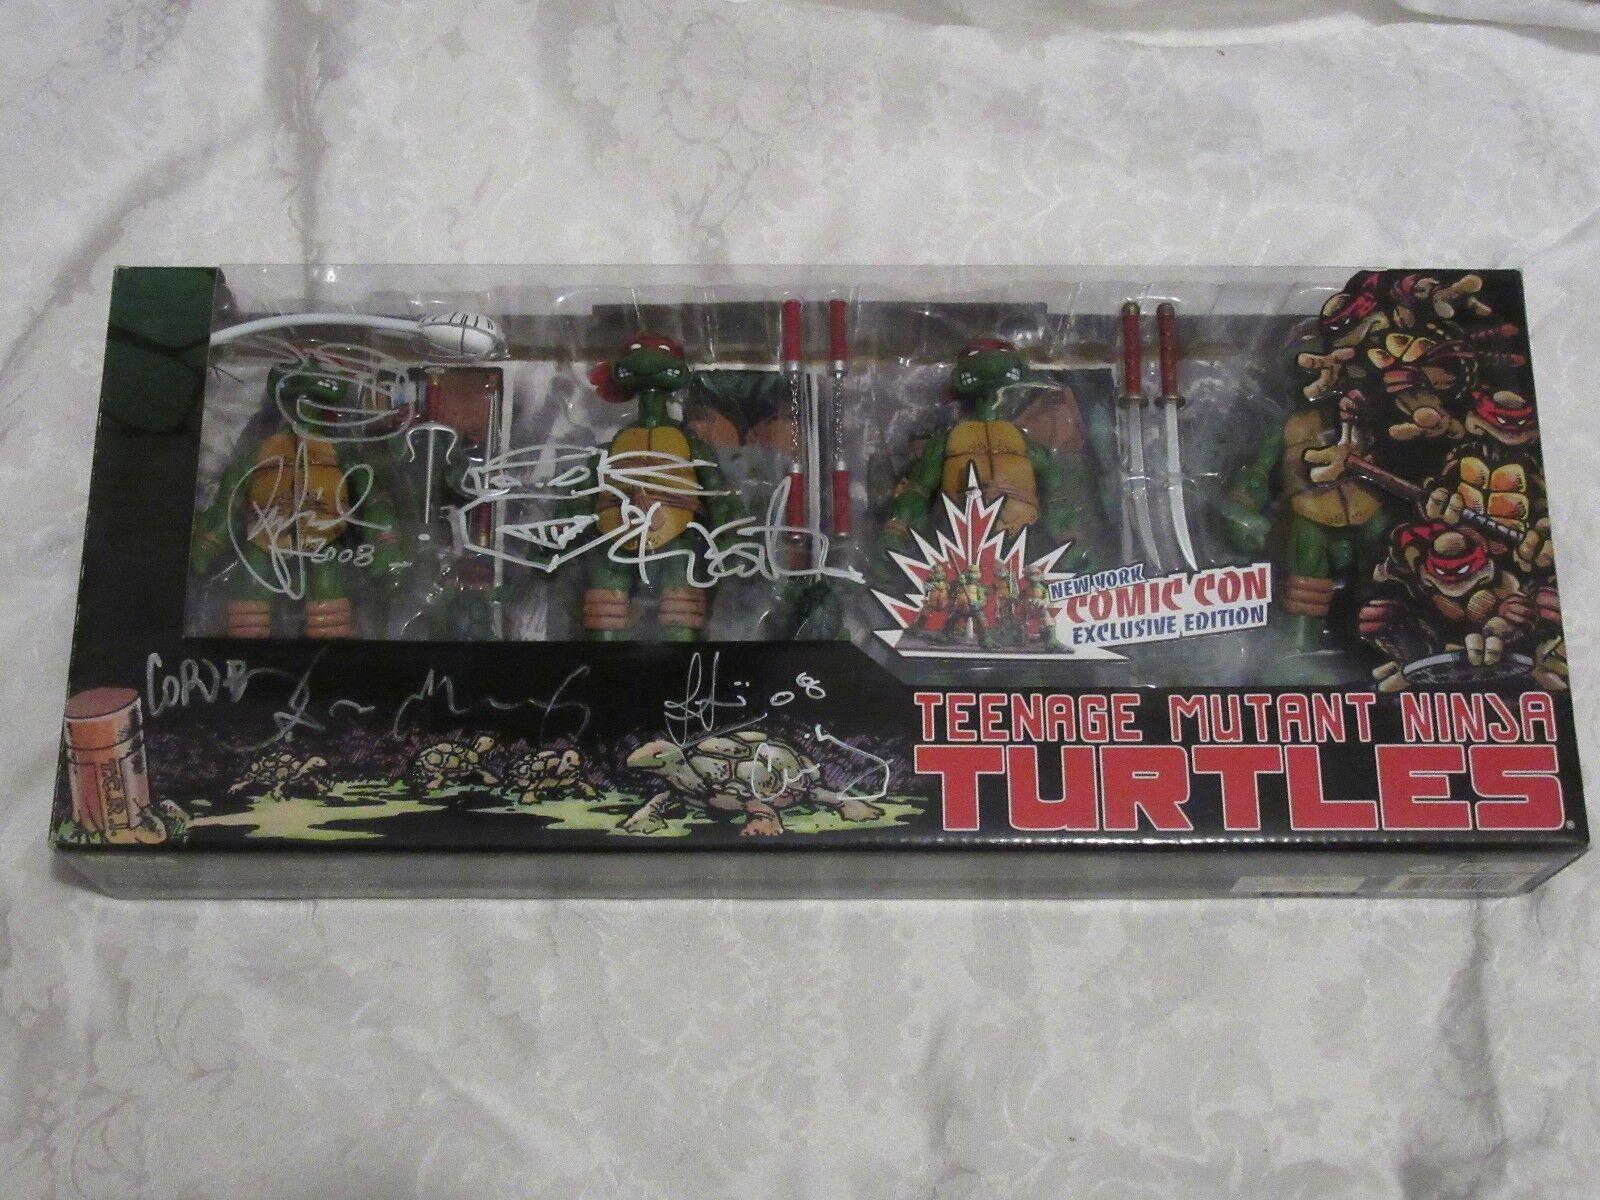 NECA Teenage Mutant Ninja Turtles Teenage Mutant Ninja Turtles signé 2008 NYCC Exclusif signé Sketch